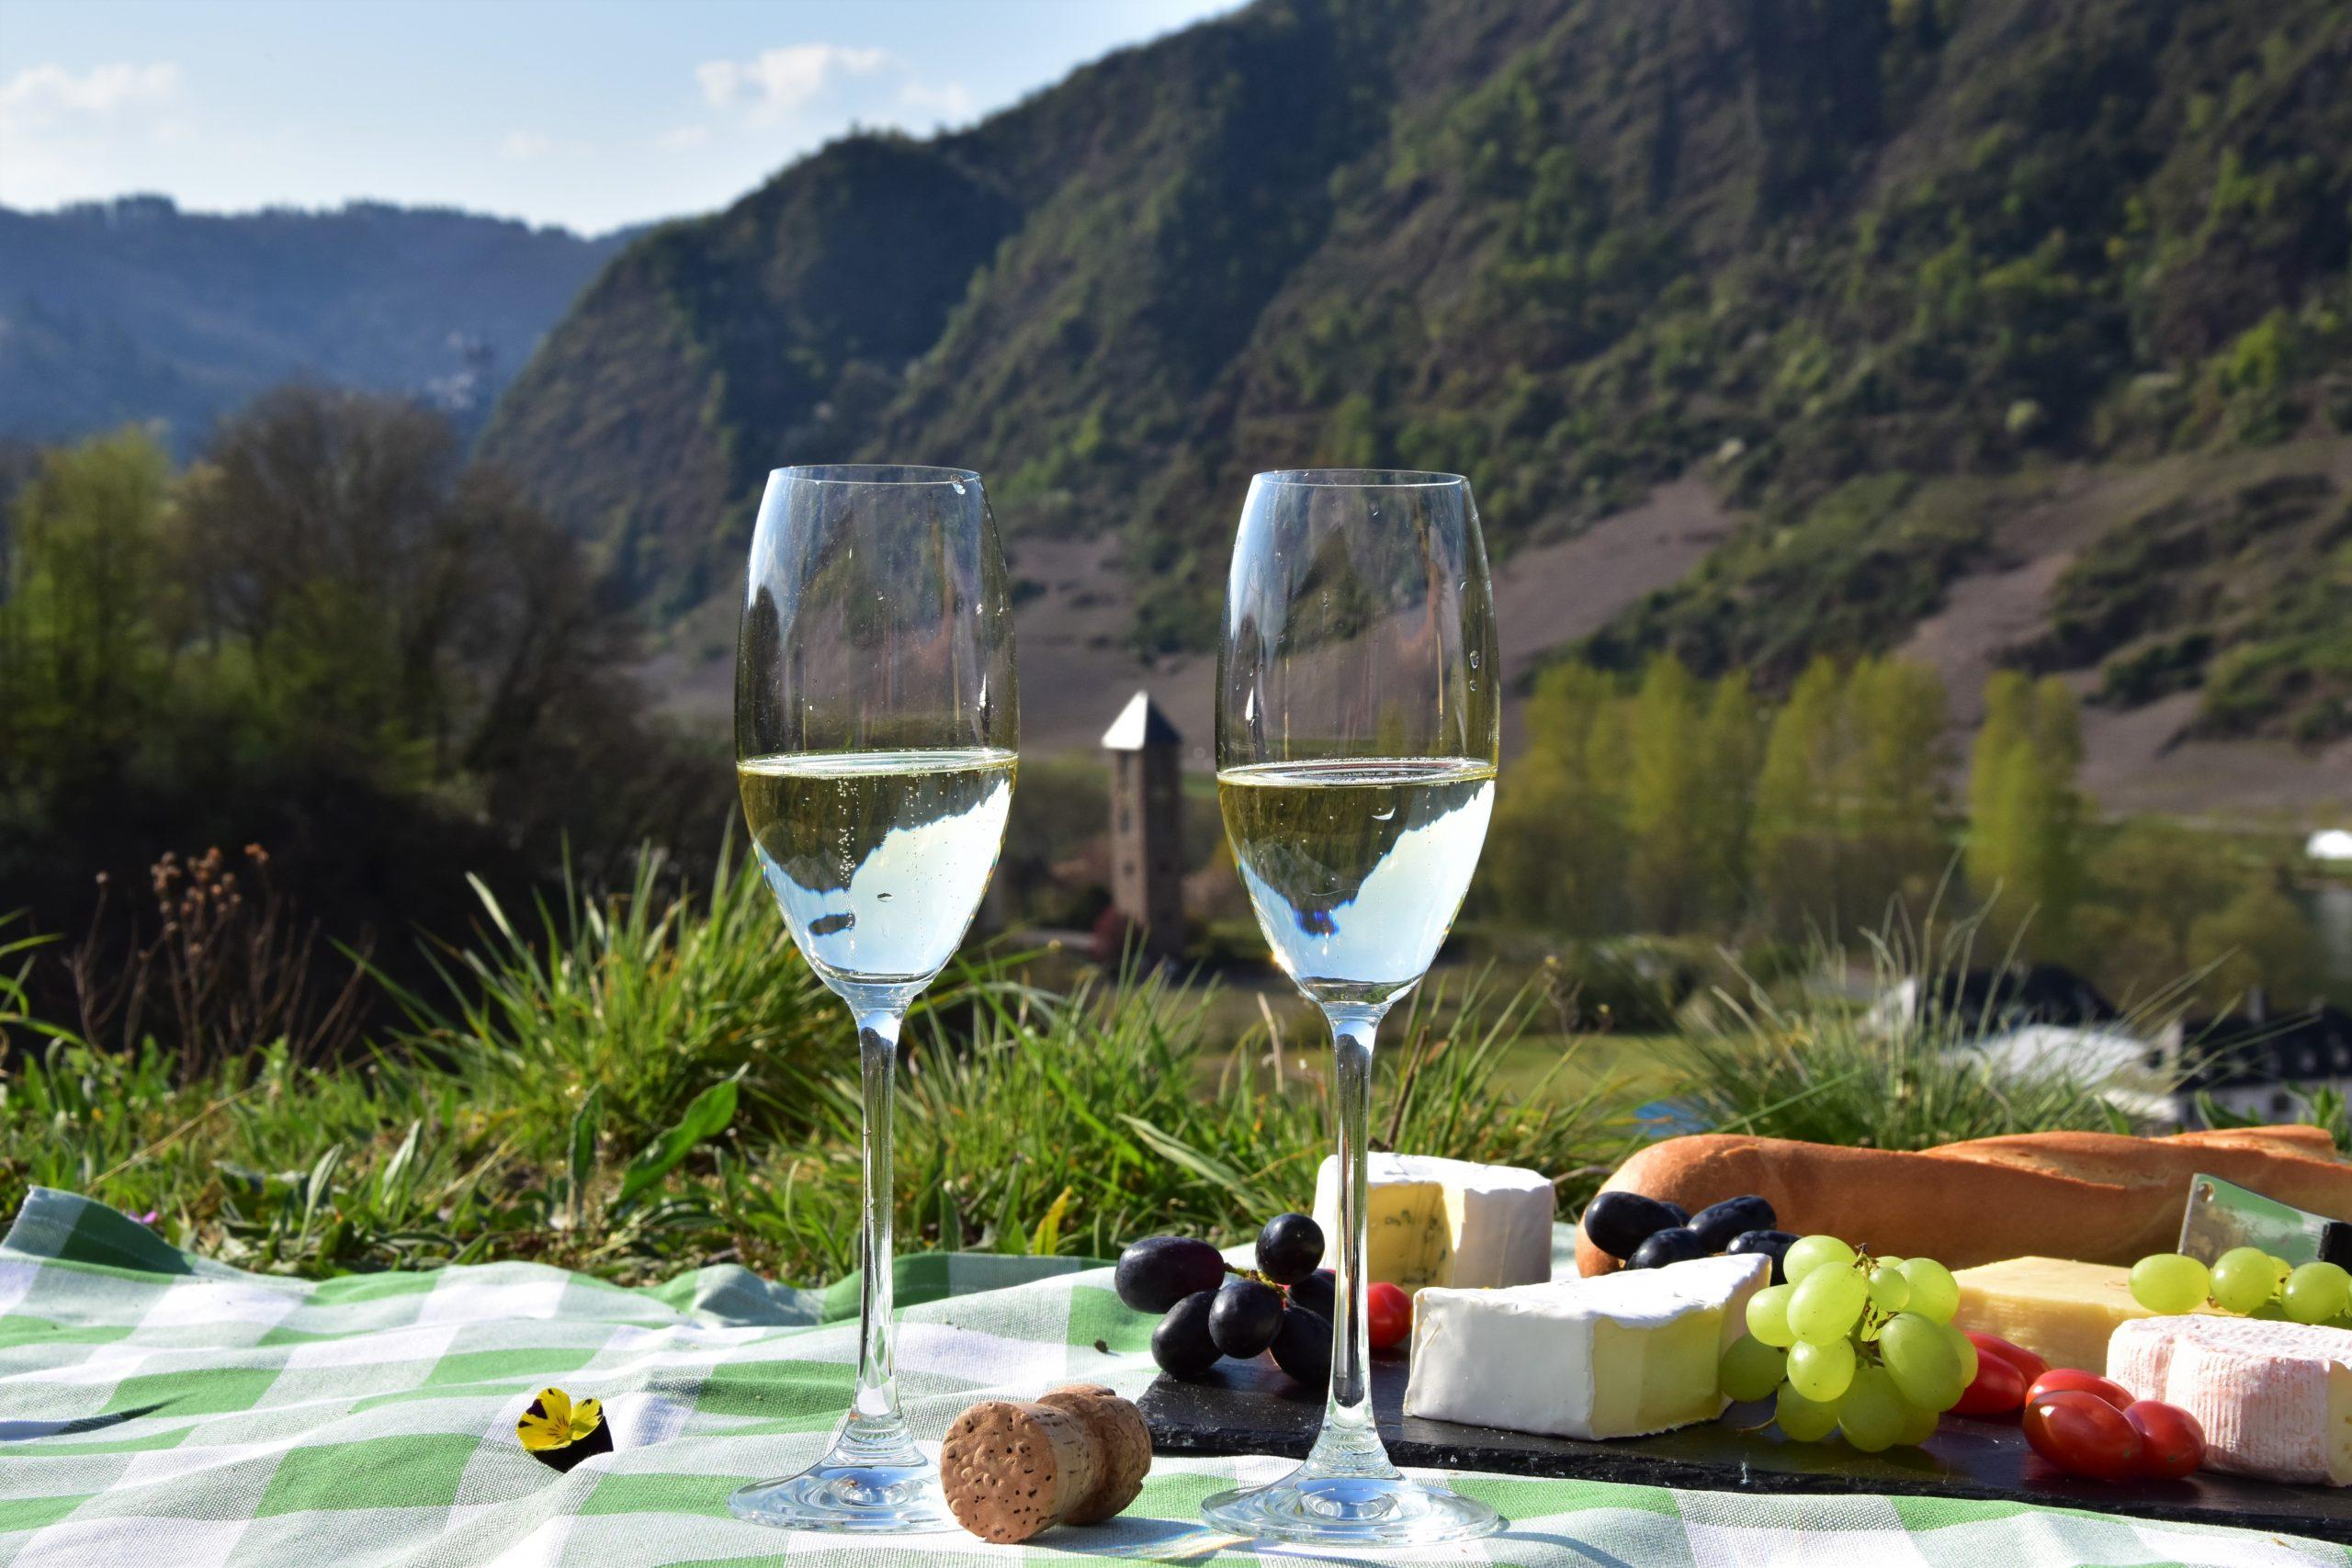 Picknick mit Sekt in den Weinbergen über dem Kloster Ebernach